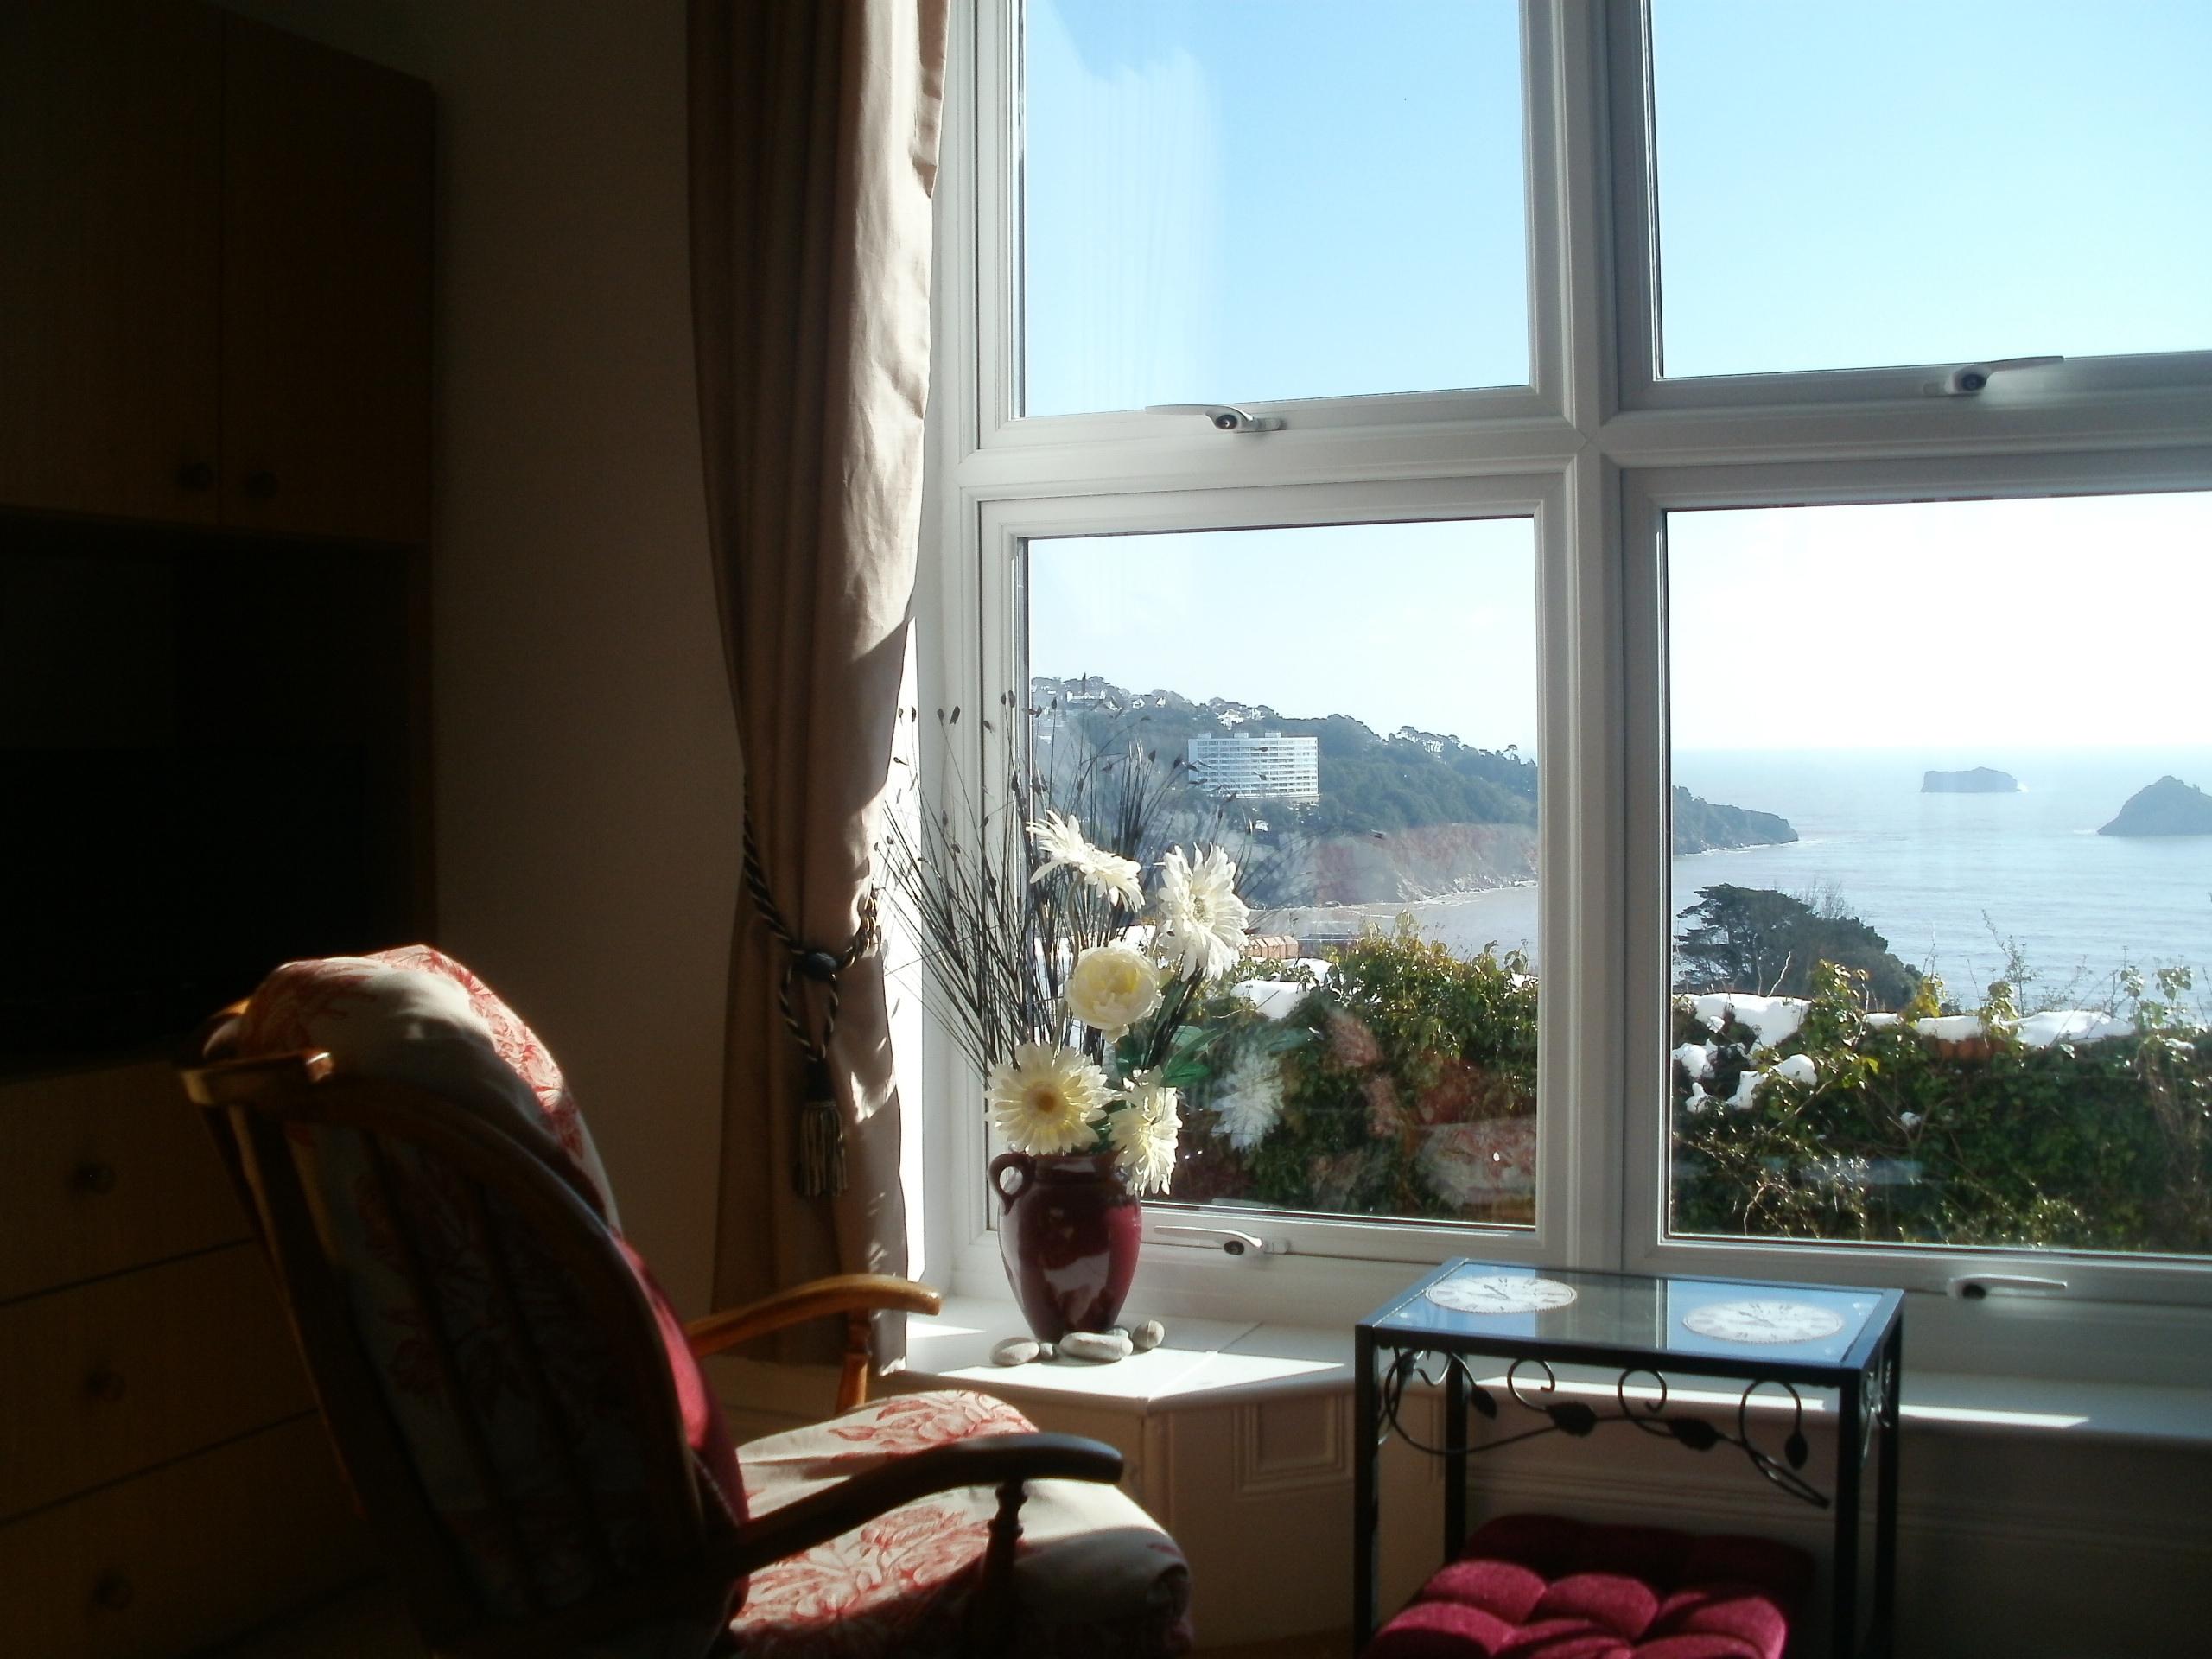 Thatchers View : Ground Floor Apartment , Stunning Views